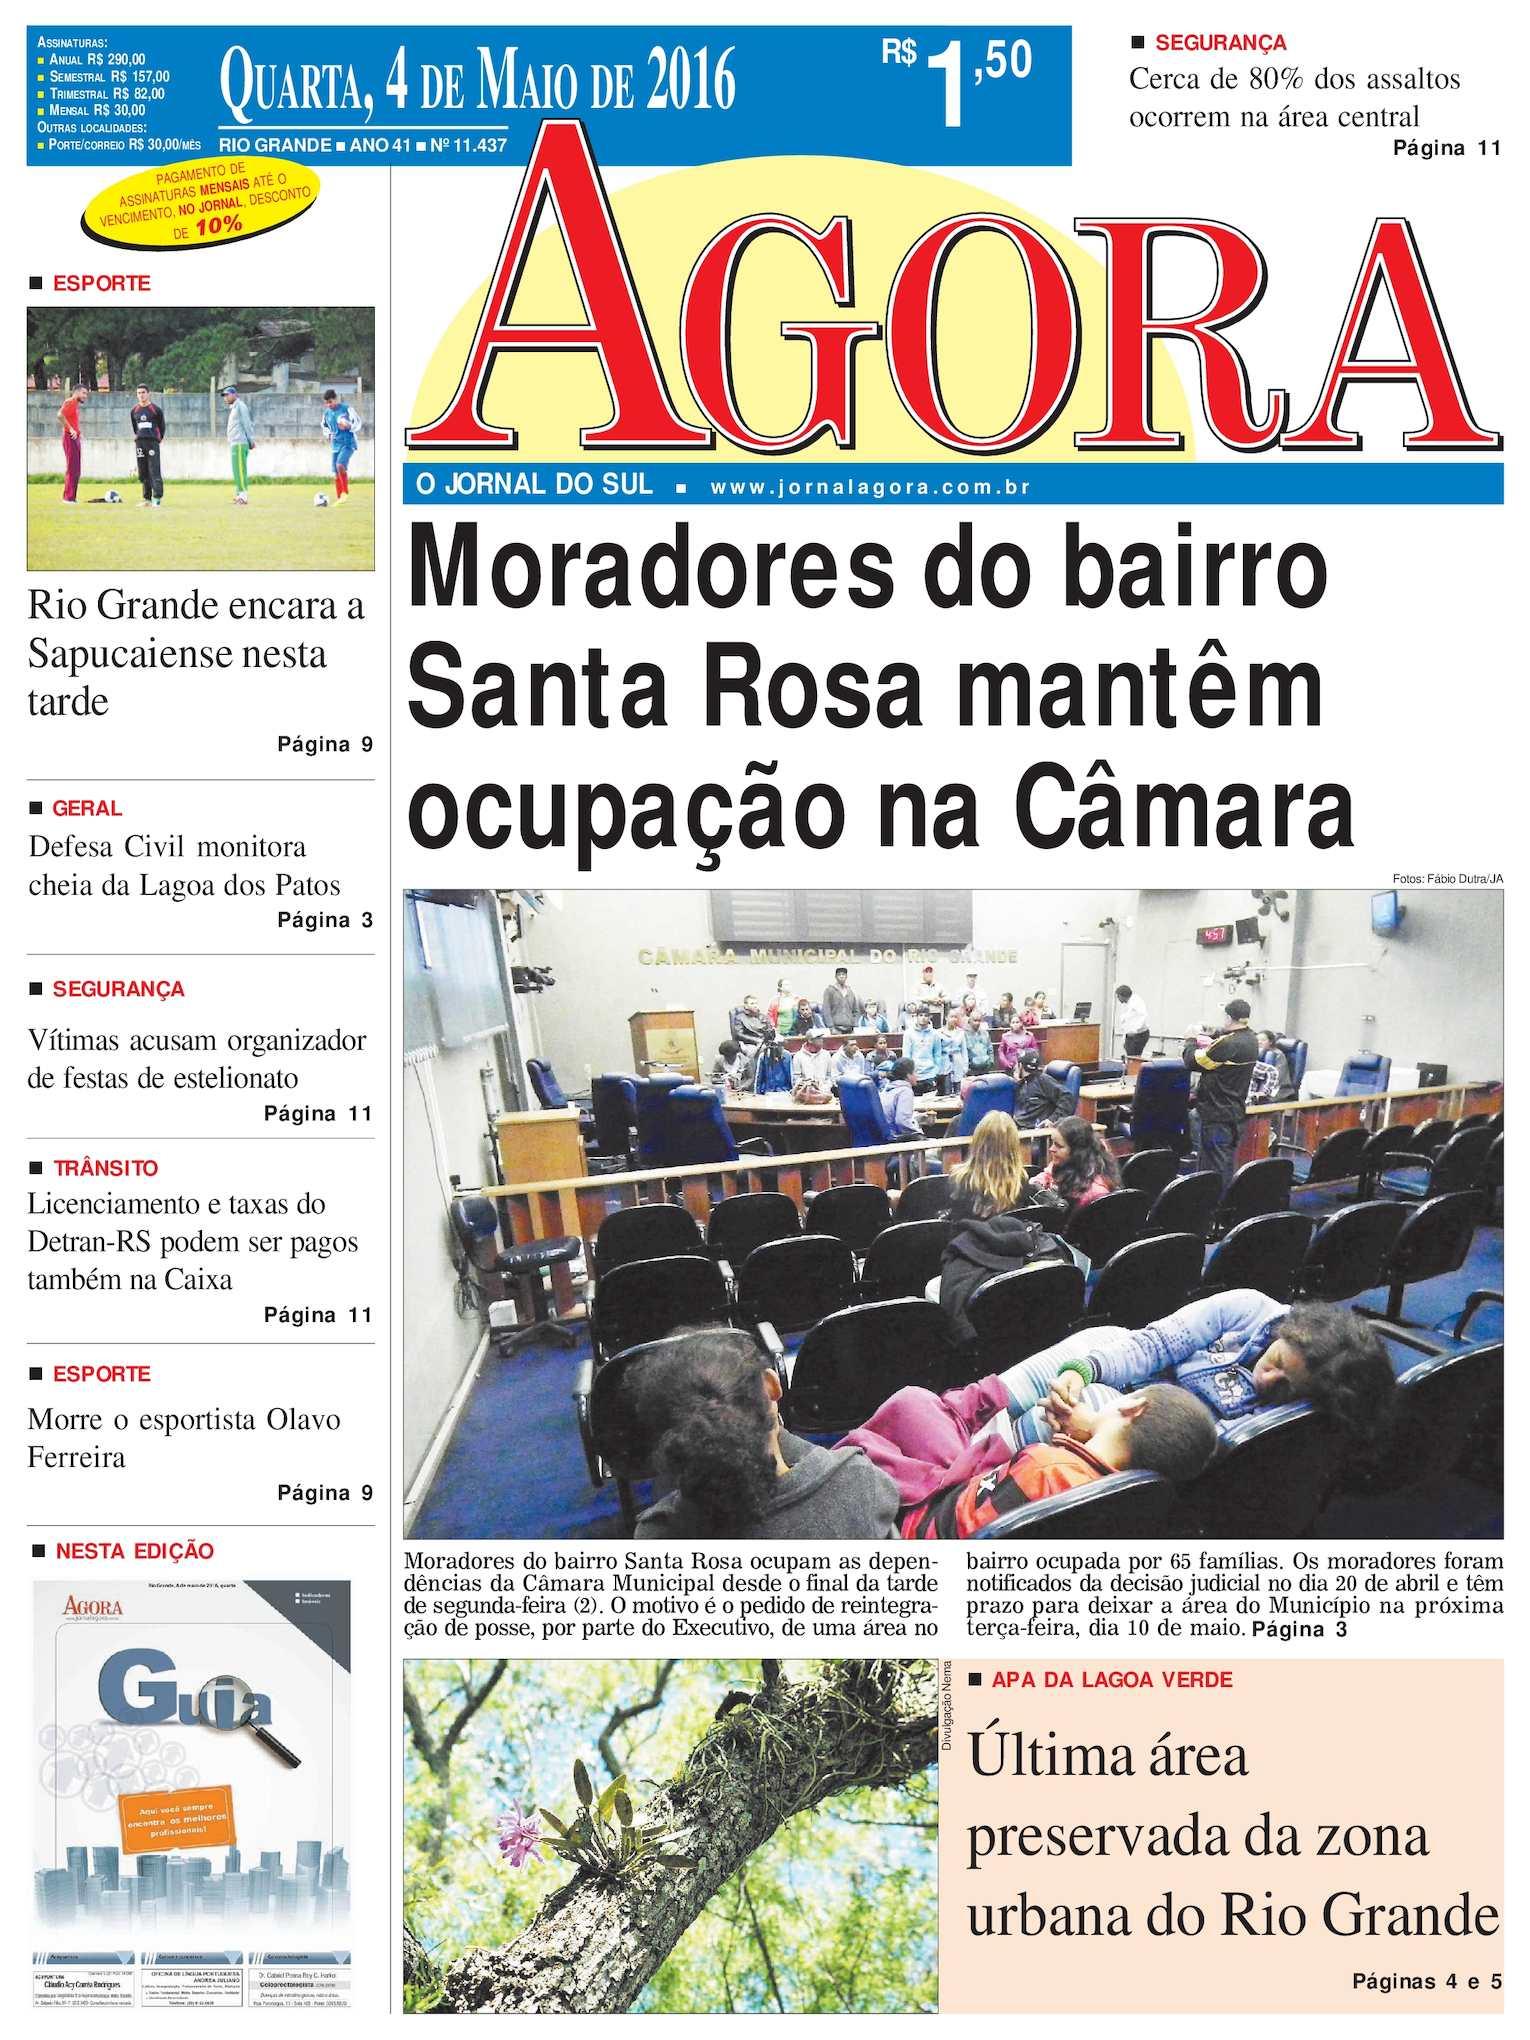 Calaméo - Jornal Agora - Edição 11437 - 4 de Maio de 2016 0abba190a6